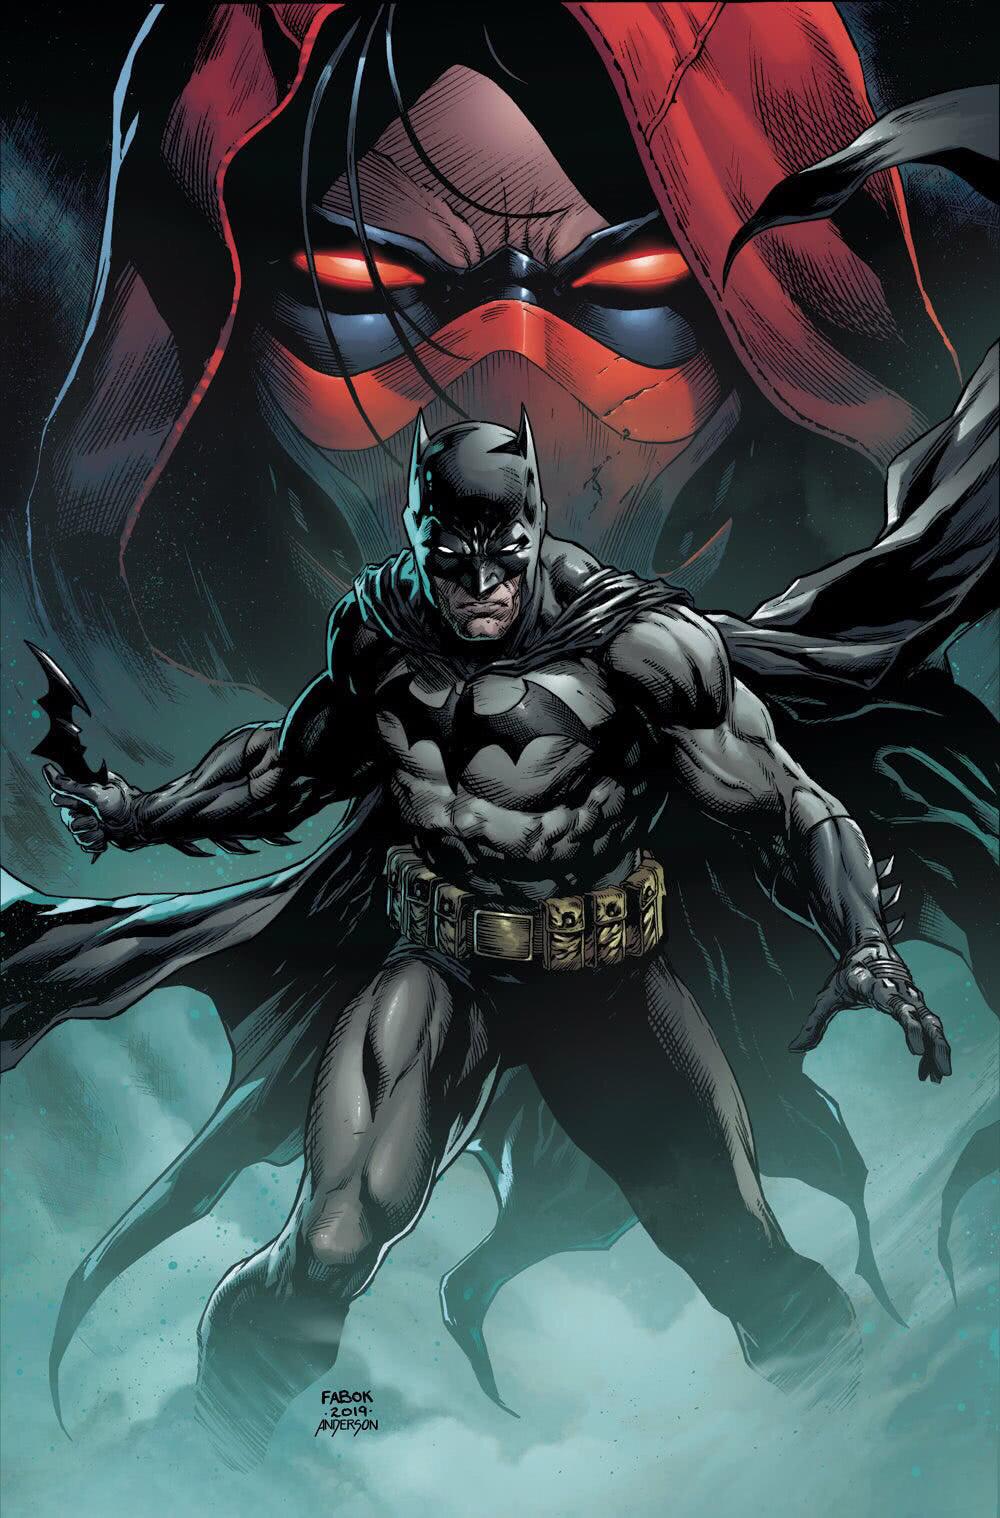 《正义联盟》蝙蝠侠经常开挂吗?超人才是真正的外挂玩家!